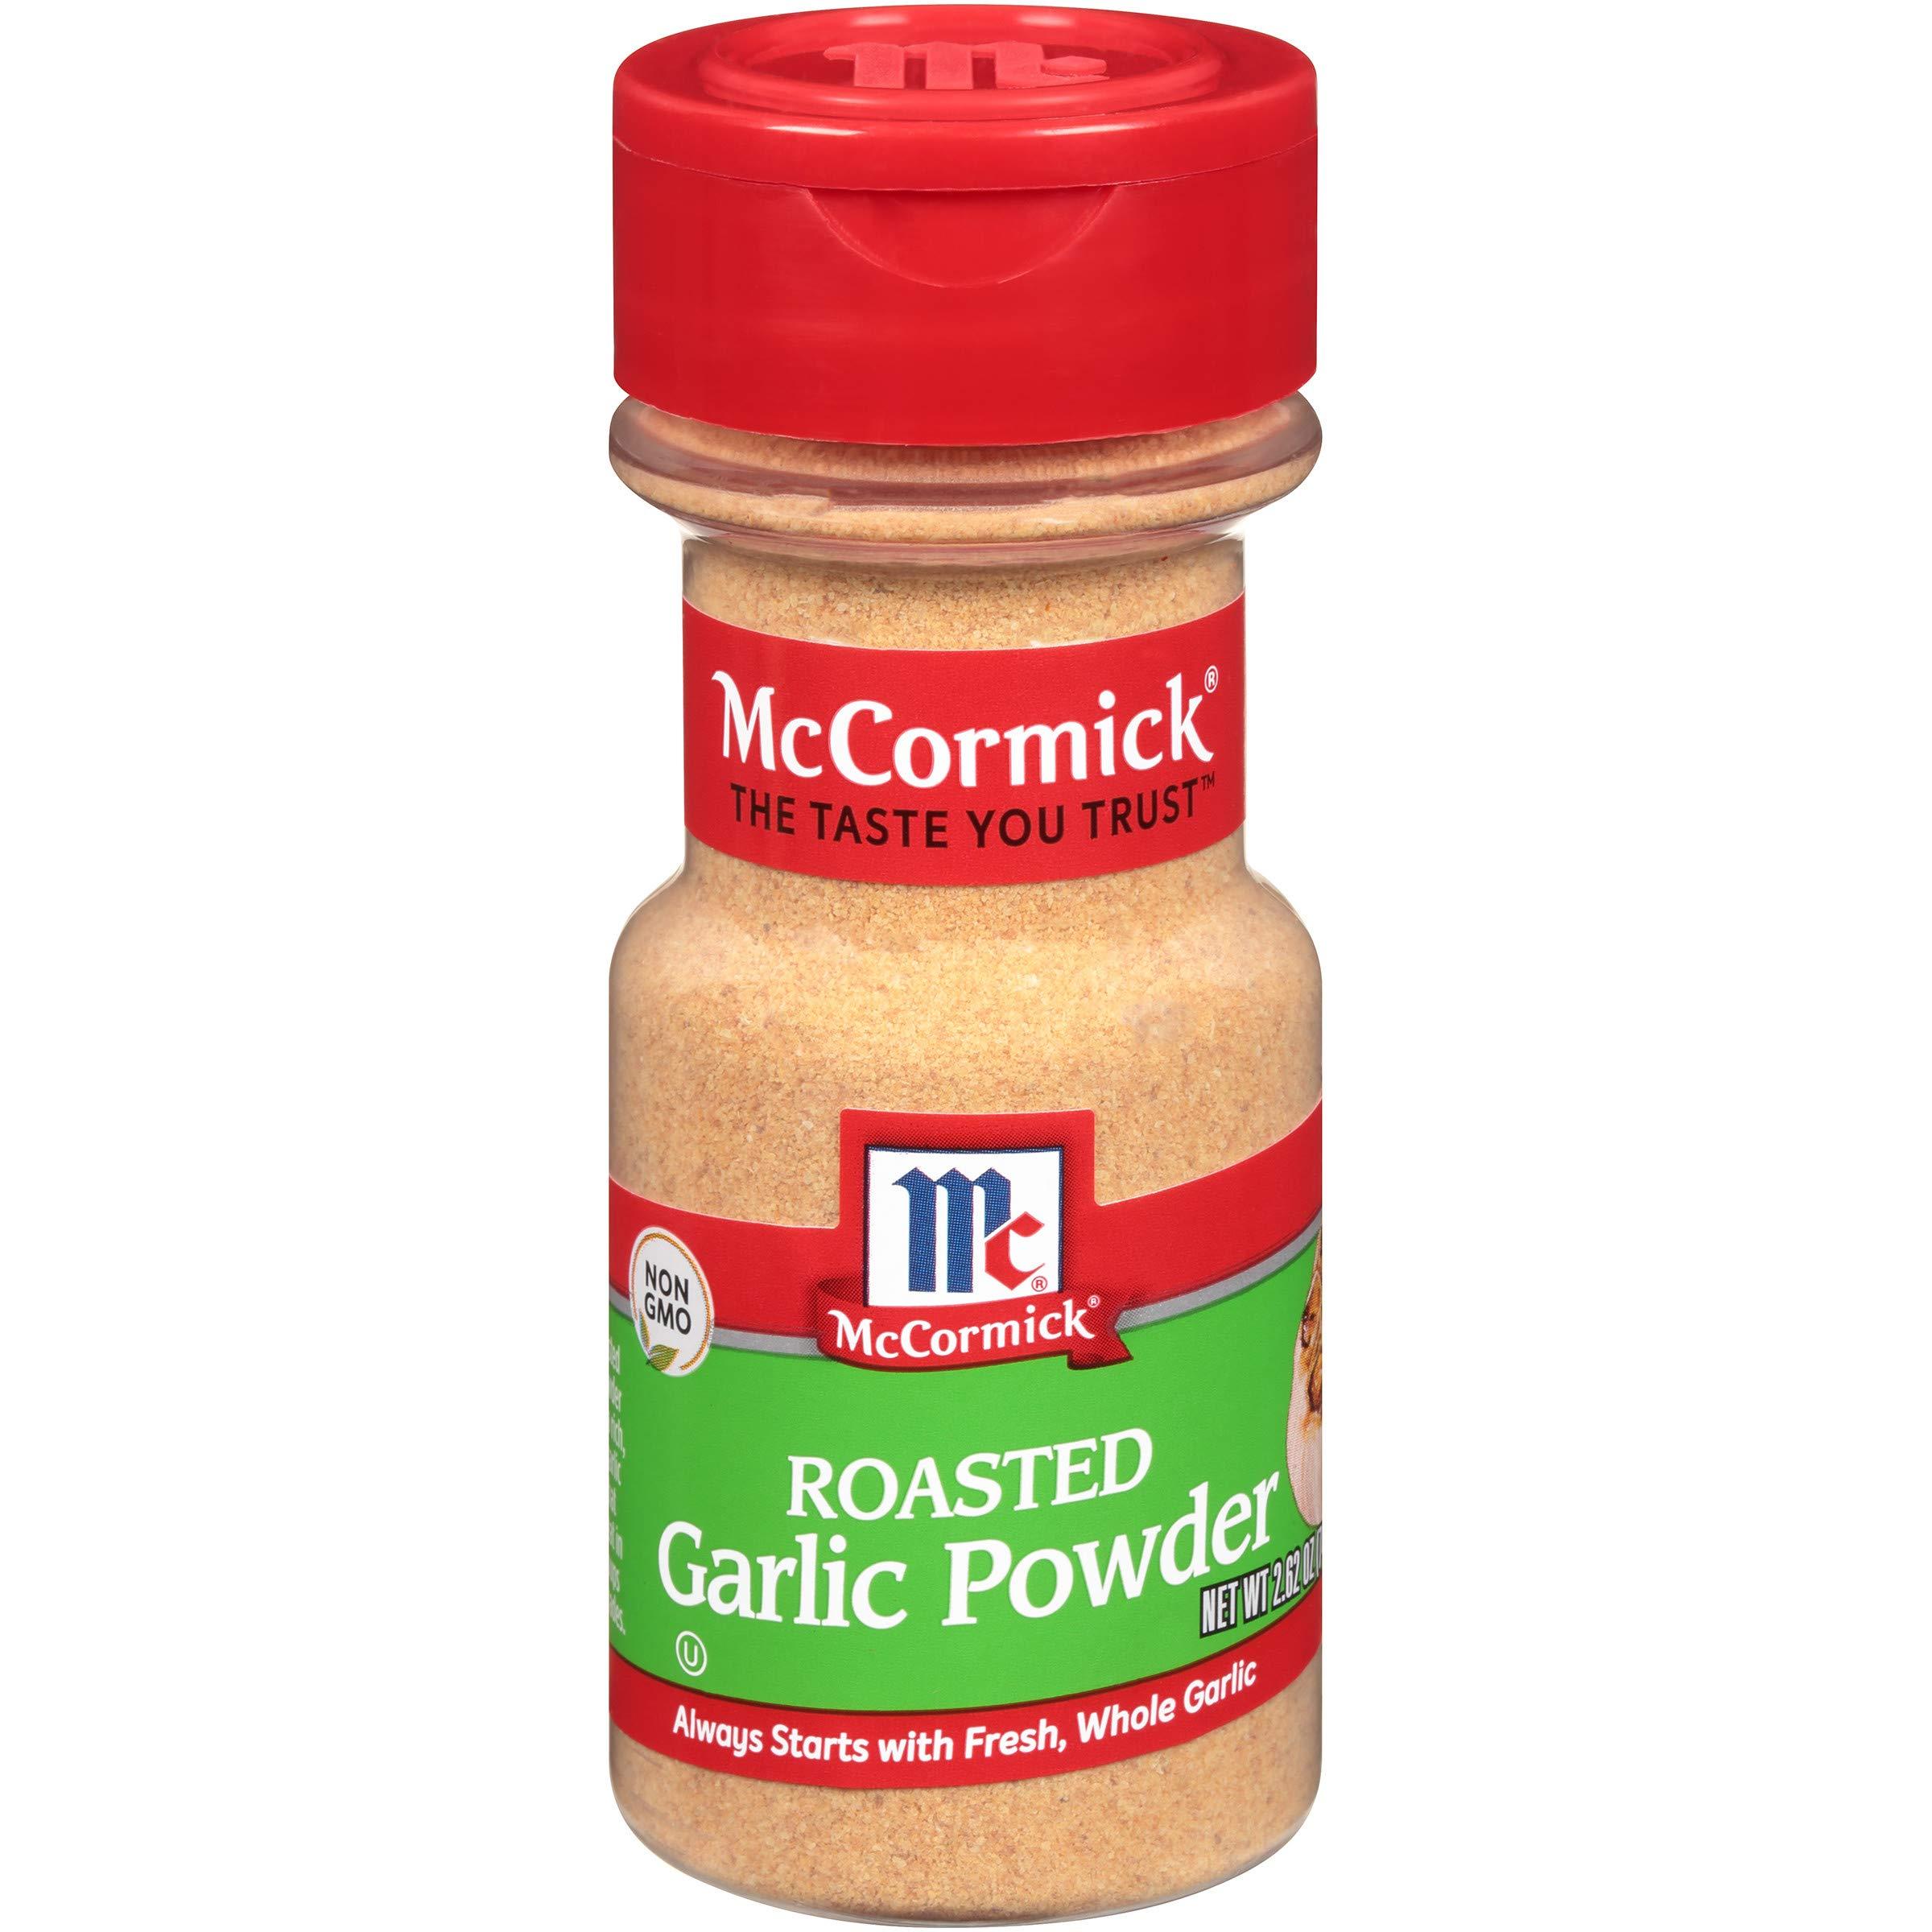 McCormick Roasted Garlic Powder, 2.62 oz